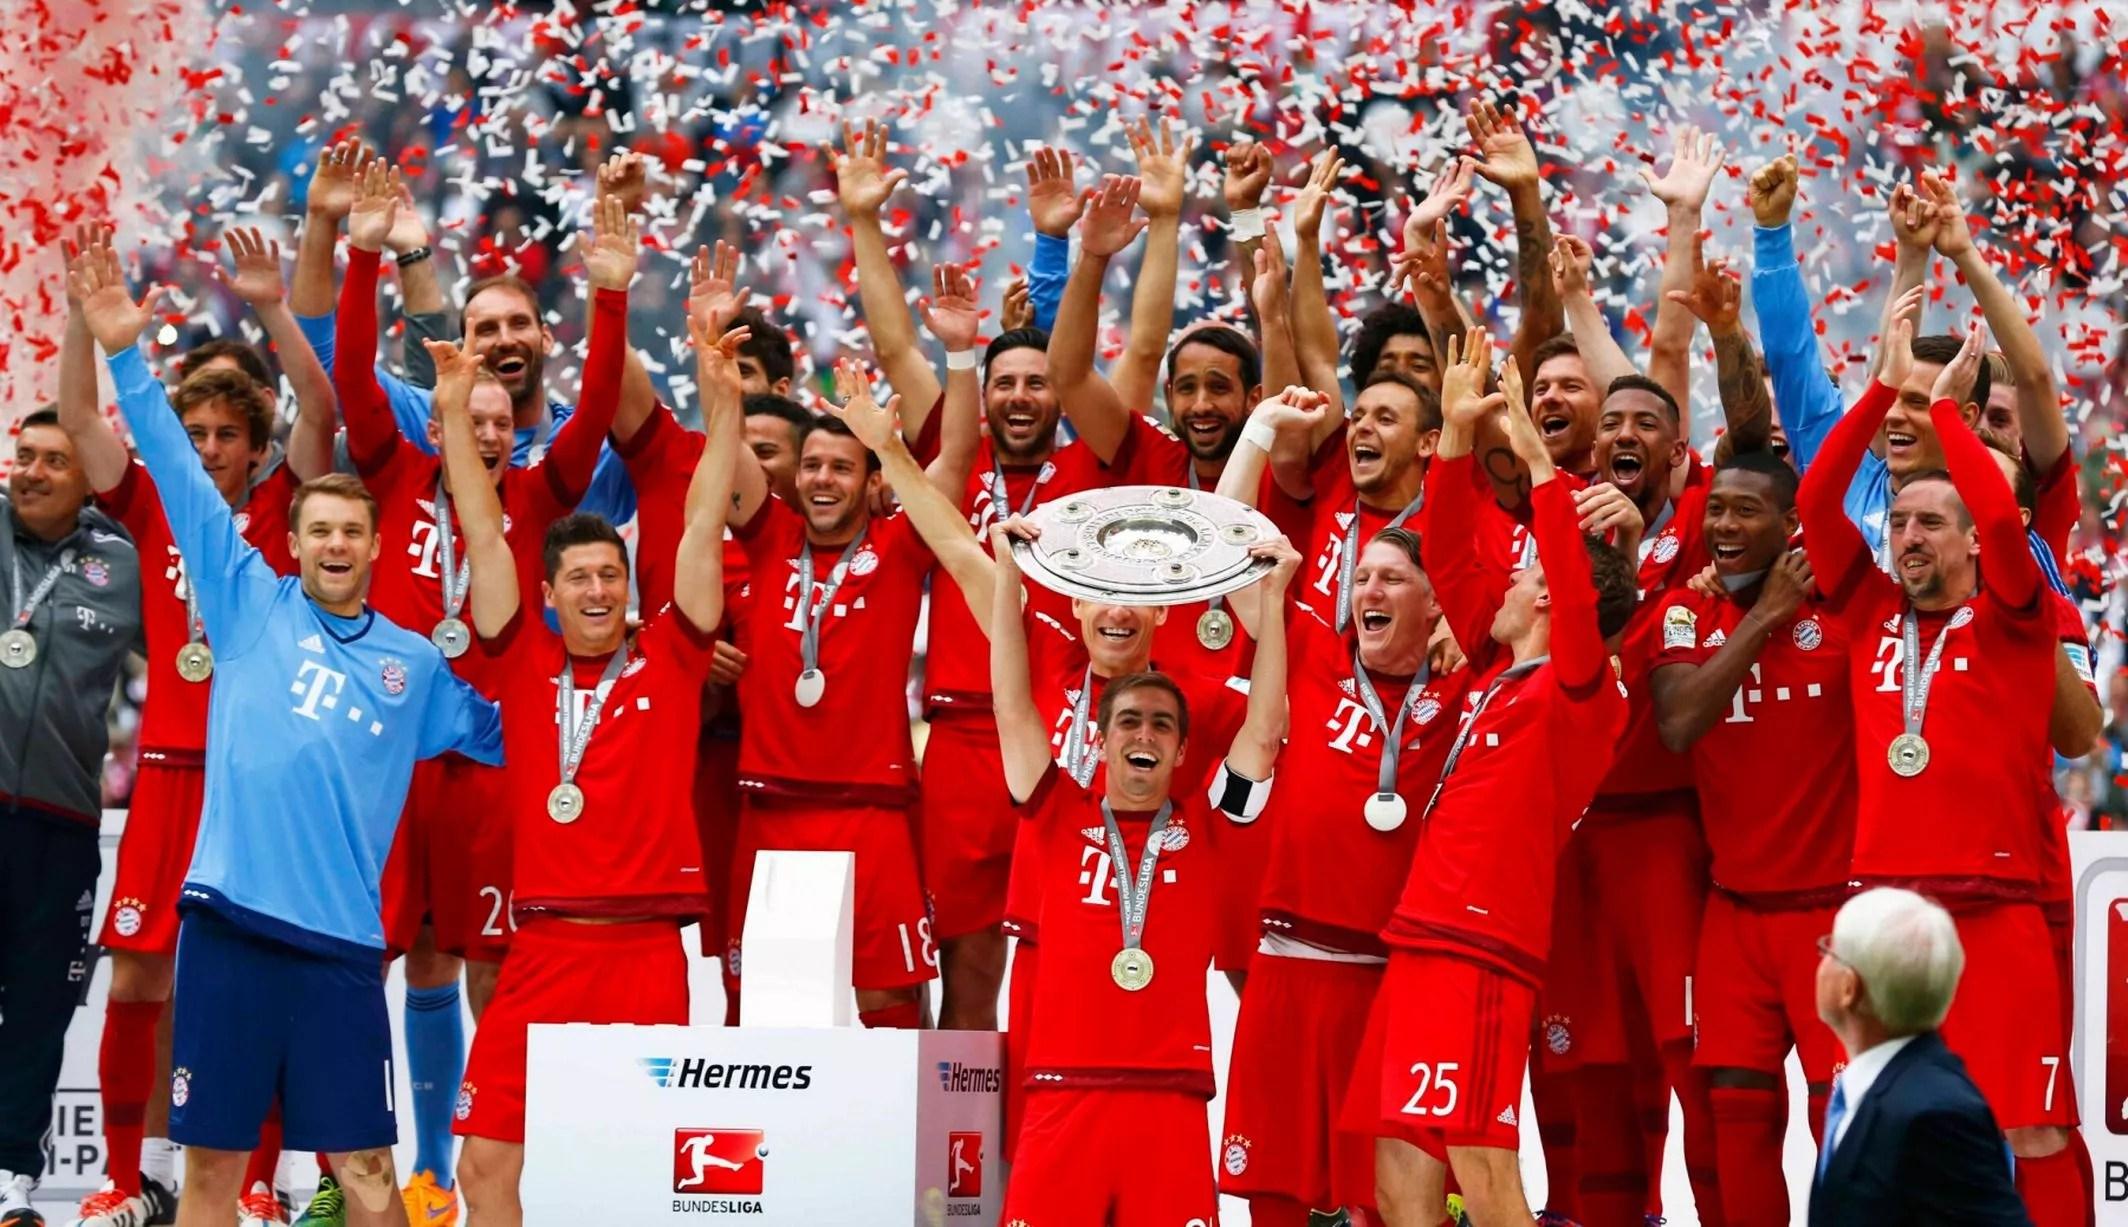 Resultado de imagen de bundesliga champions 2016